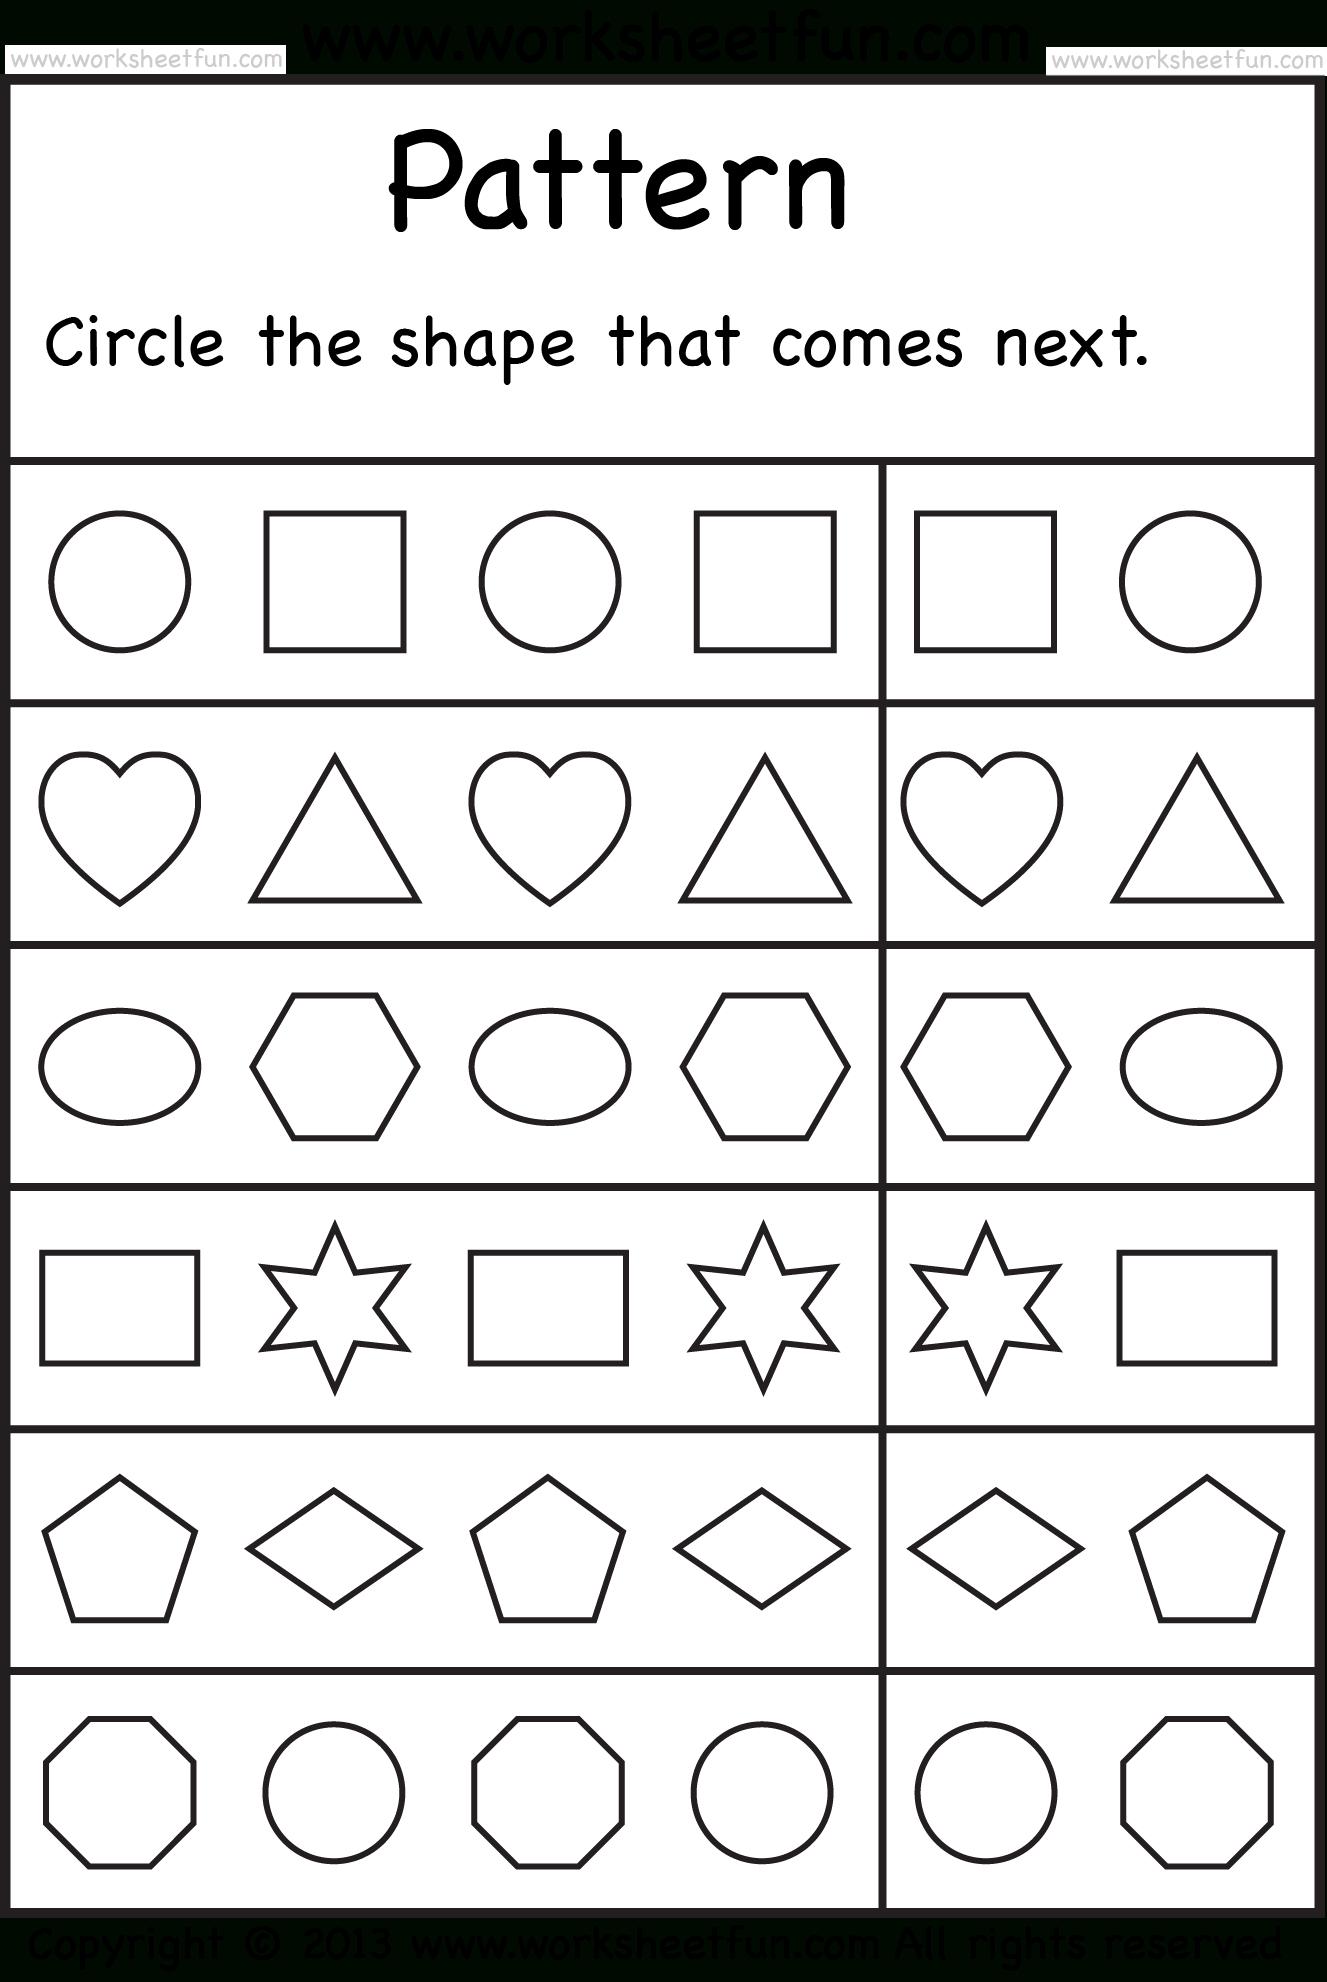 Free Printable Worksheets – Worksheetfun / Free Printable - Free Printable Sheets For Kindergarten